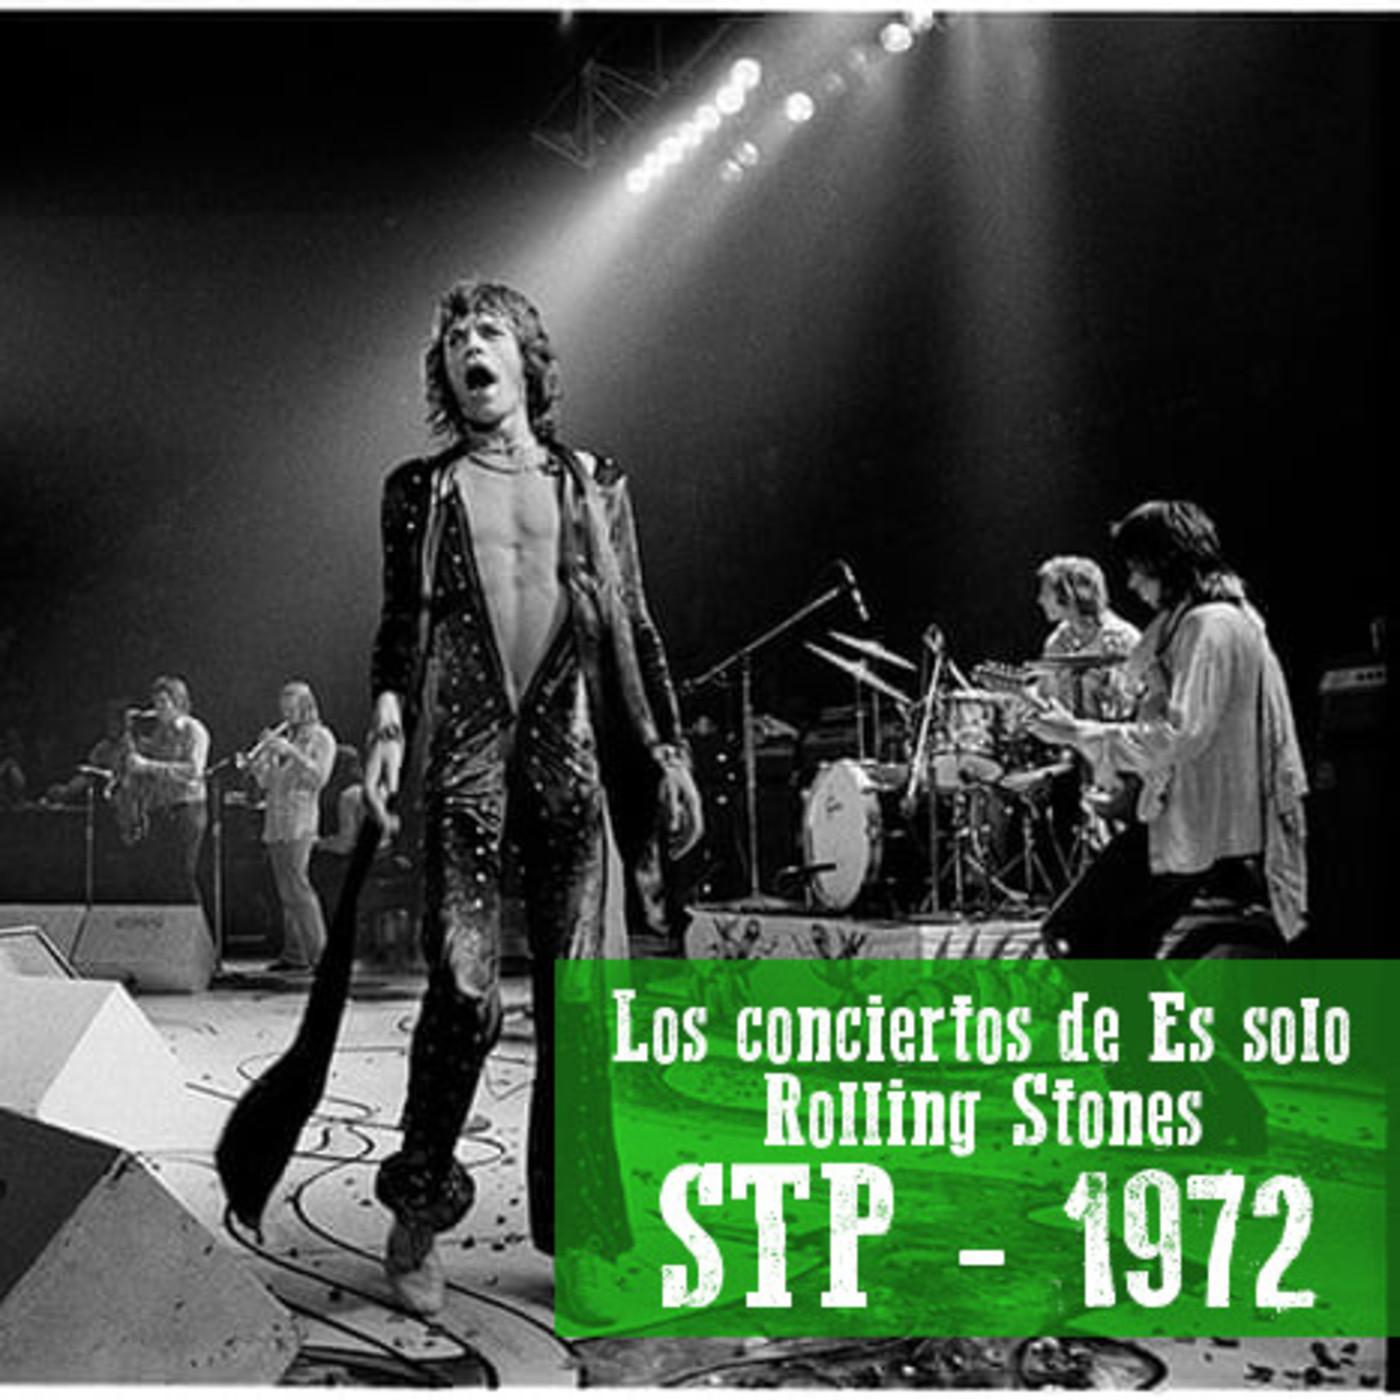 STONES TOURING PARTY 1972 - Los conciertos de Es solo Rolling Stones